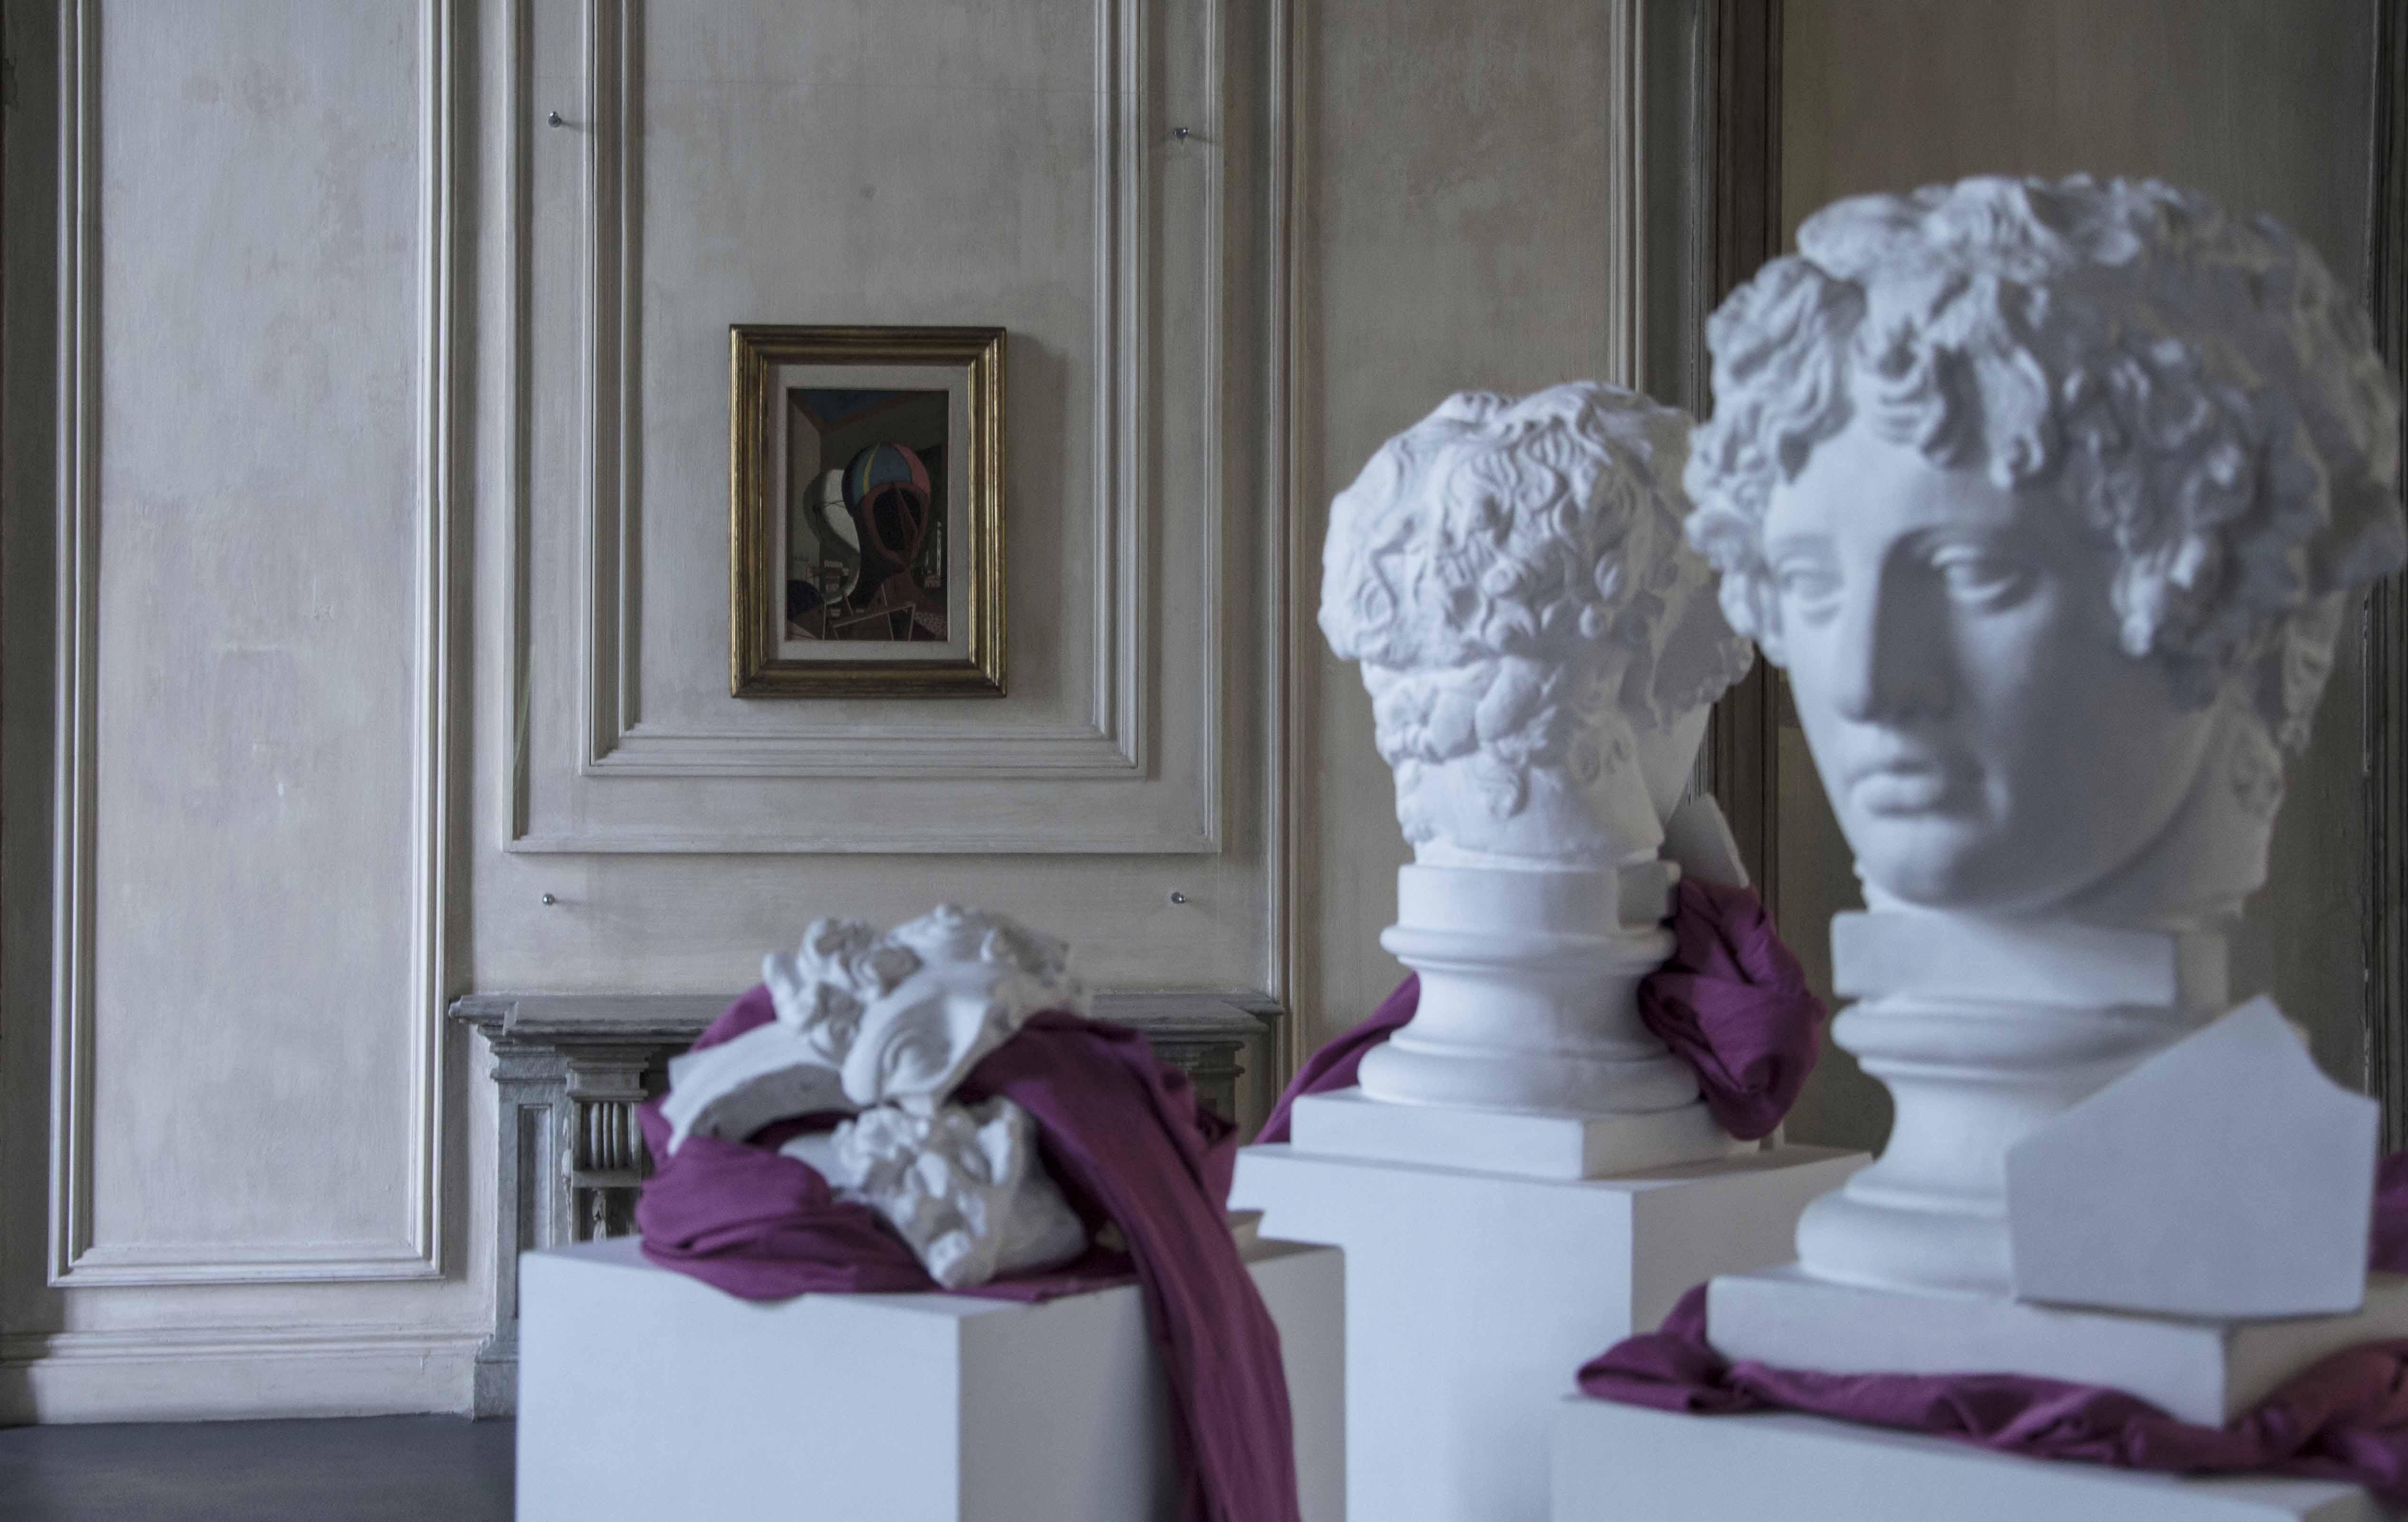 Castello di Rivoli, Giorgio de Chirico, Collezione Francesco Federico Cerruti, Rivoli, Cerruti